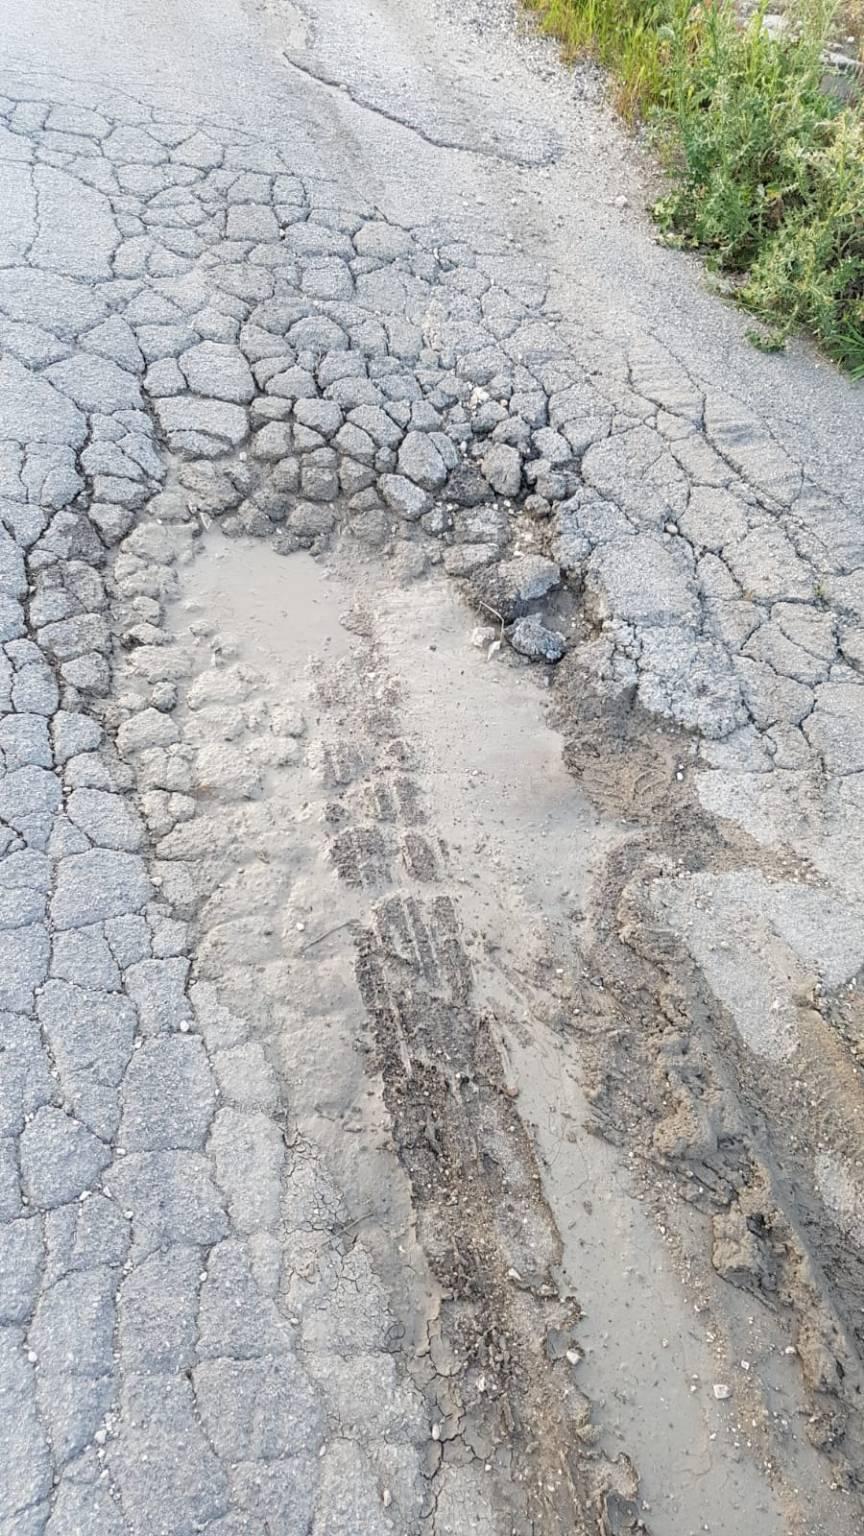 strada-guardiola-dissestata-149929